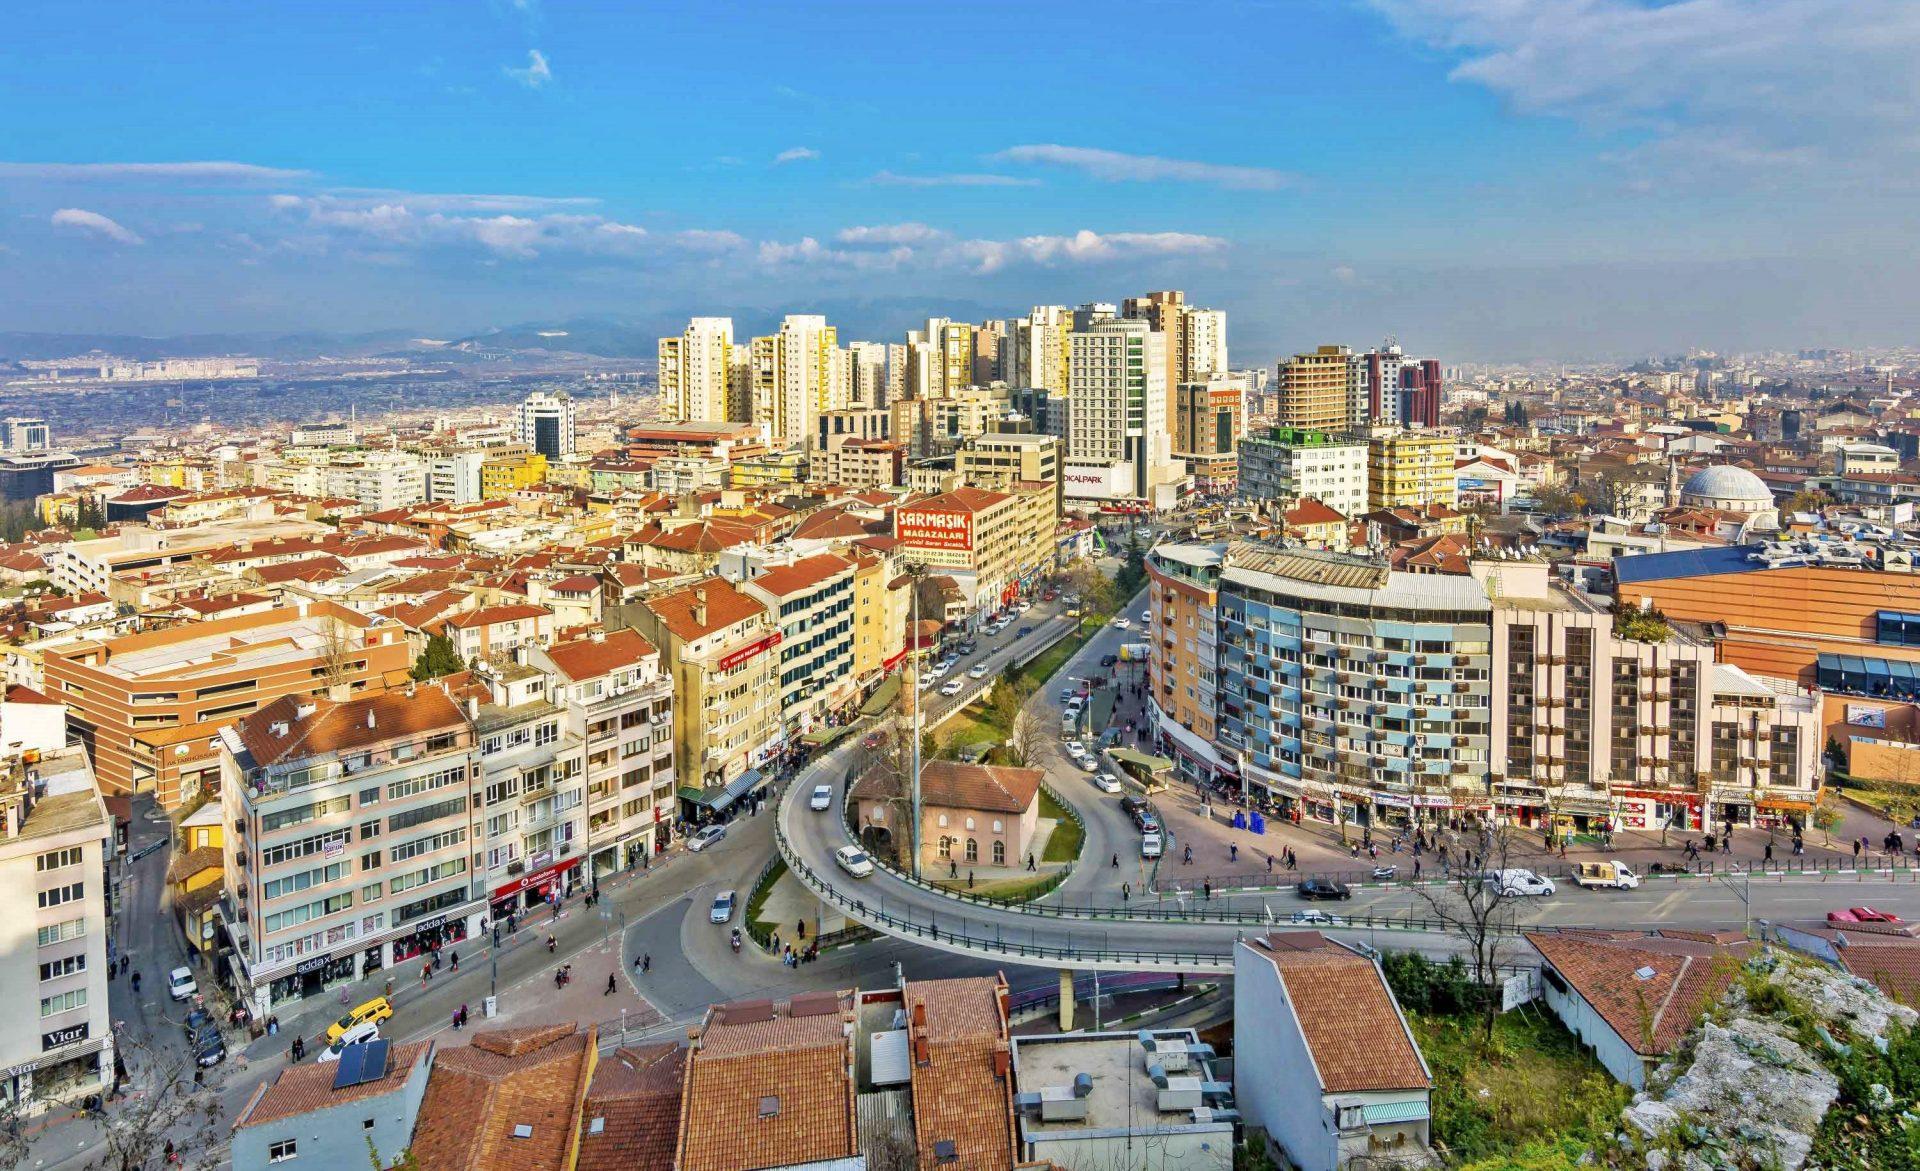 منطقه کاراباغلار Karabağlar ازمیر و محله های آن